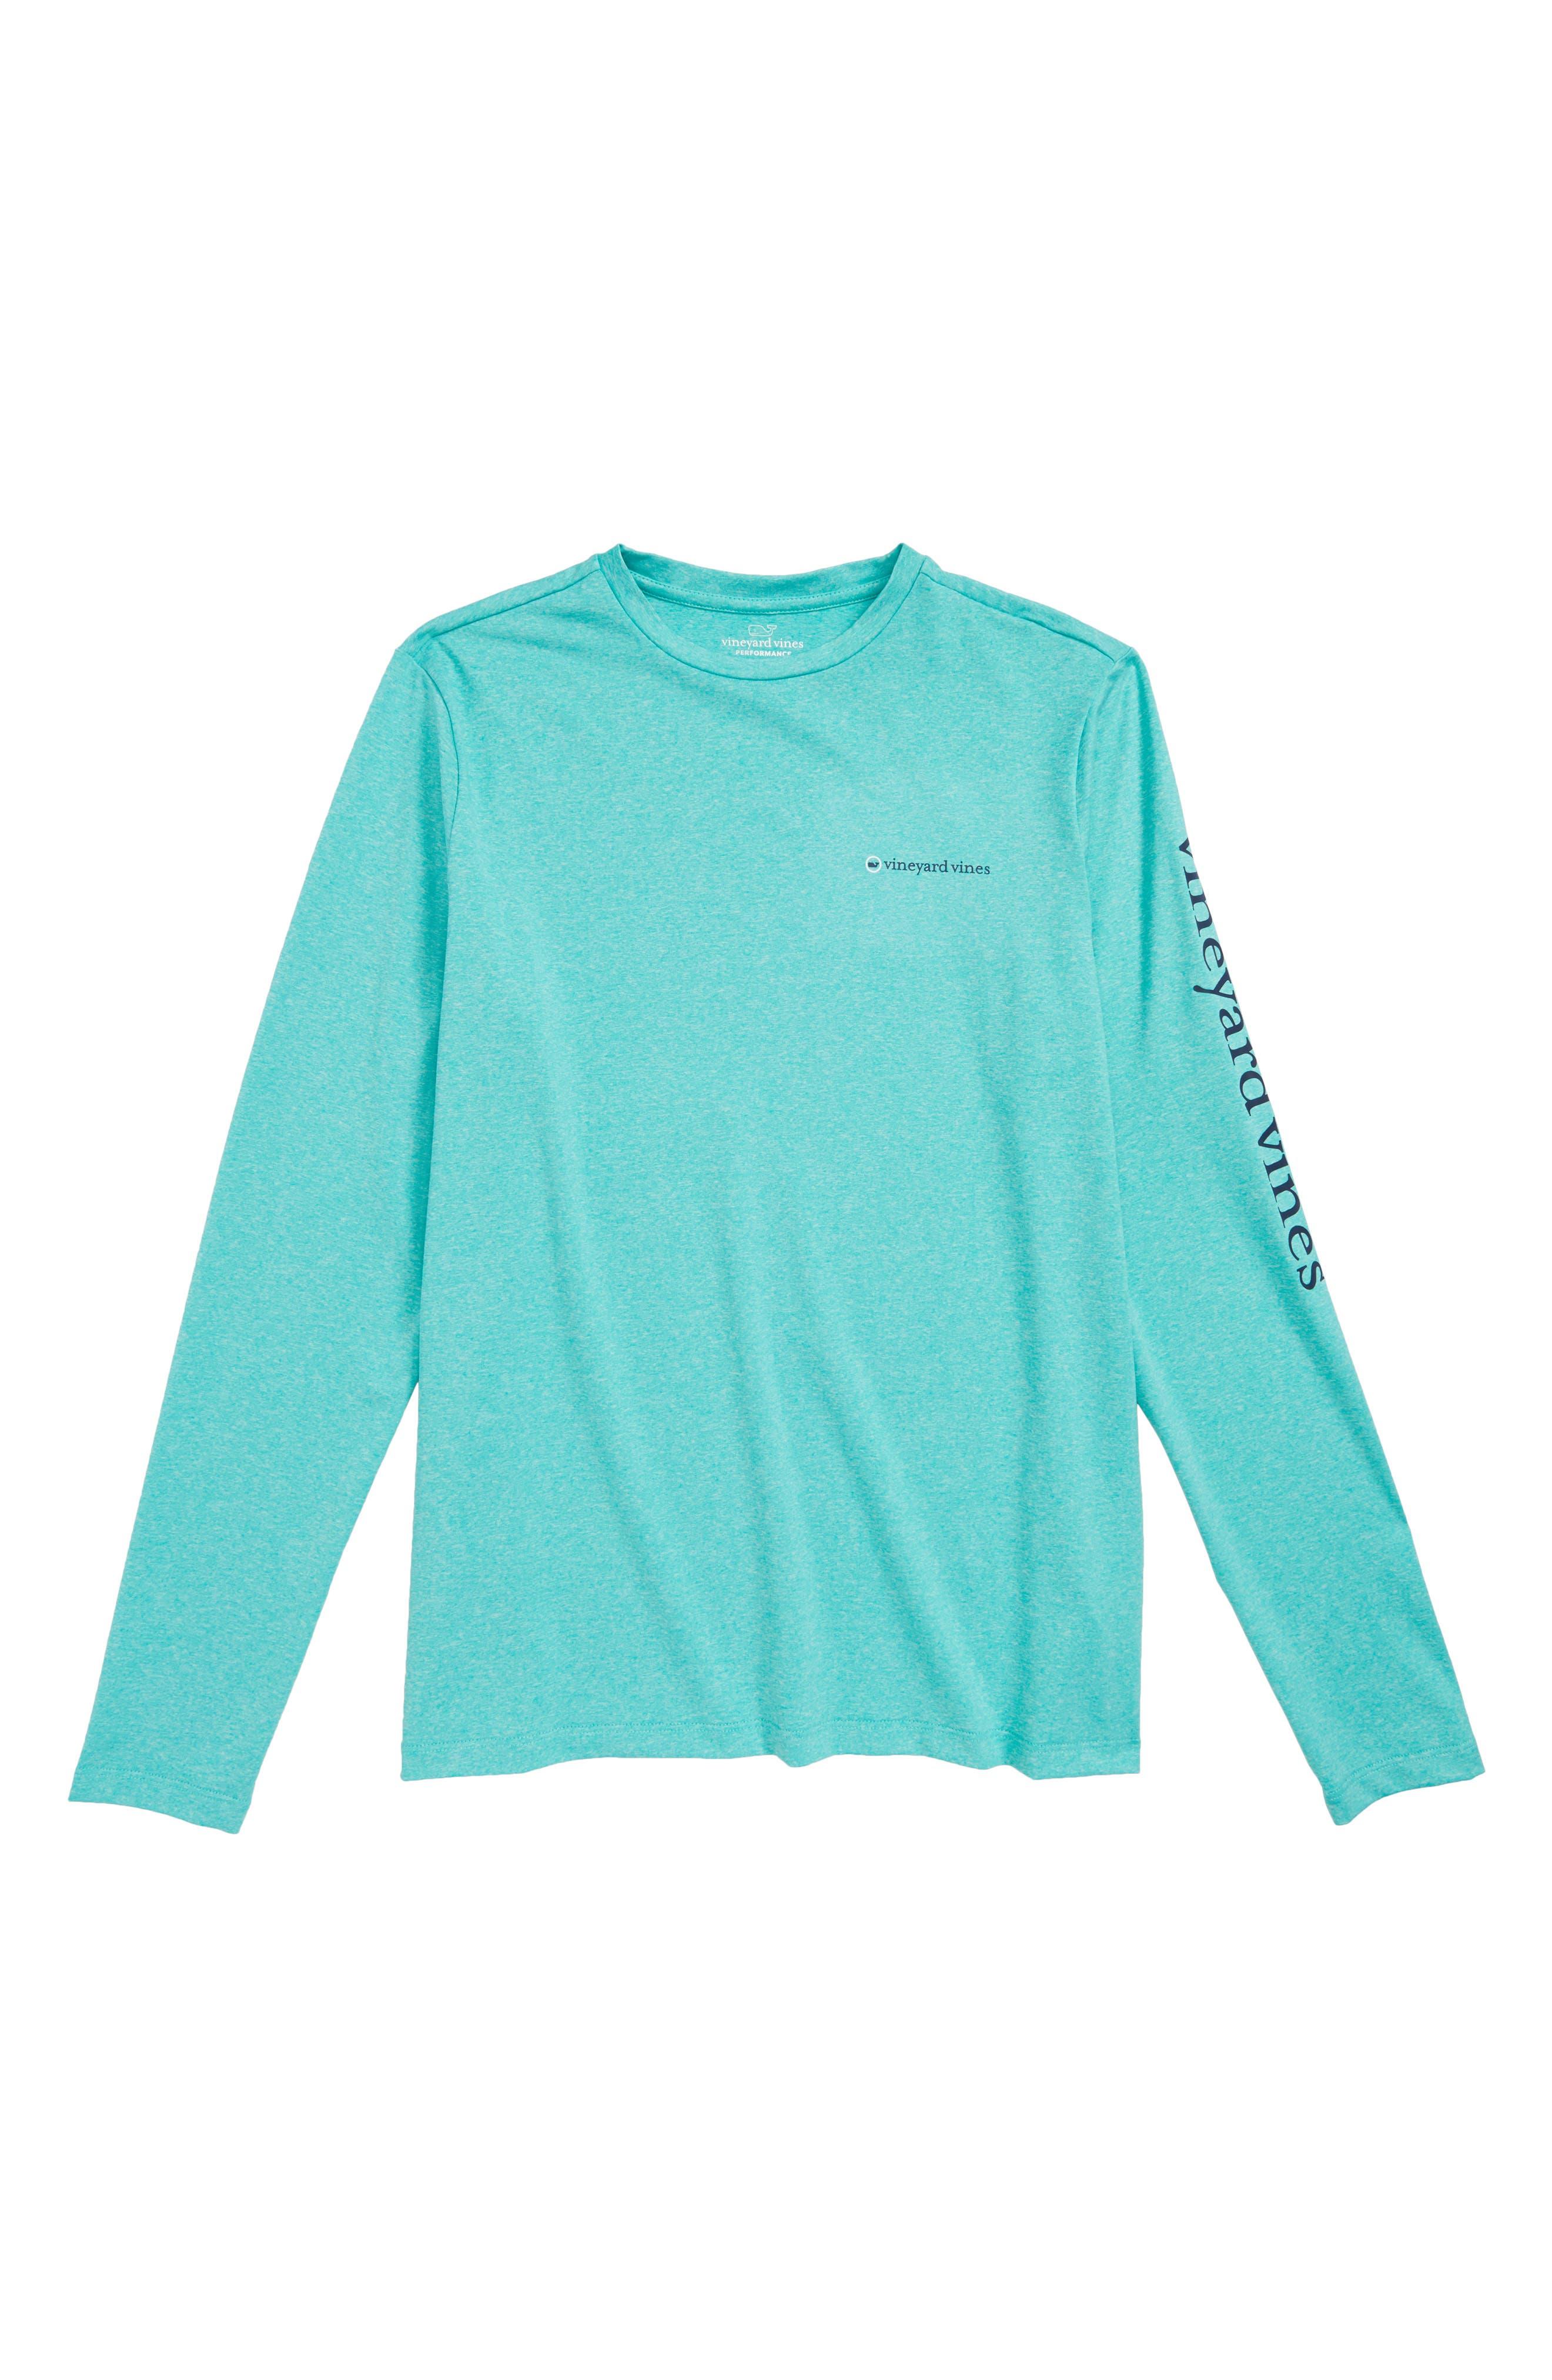 Performance Sport T-Shirt,                         Main,                         color, Aquinnah Aqua